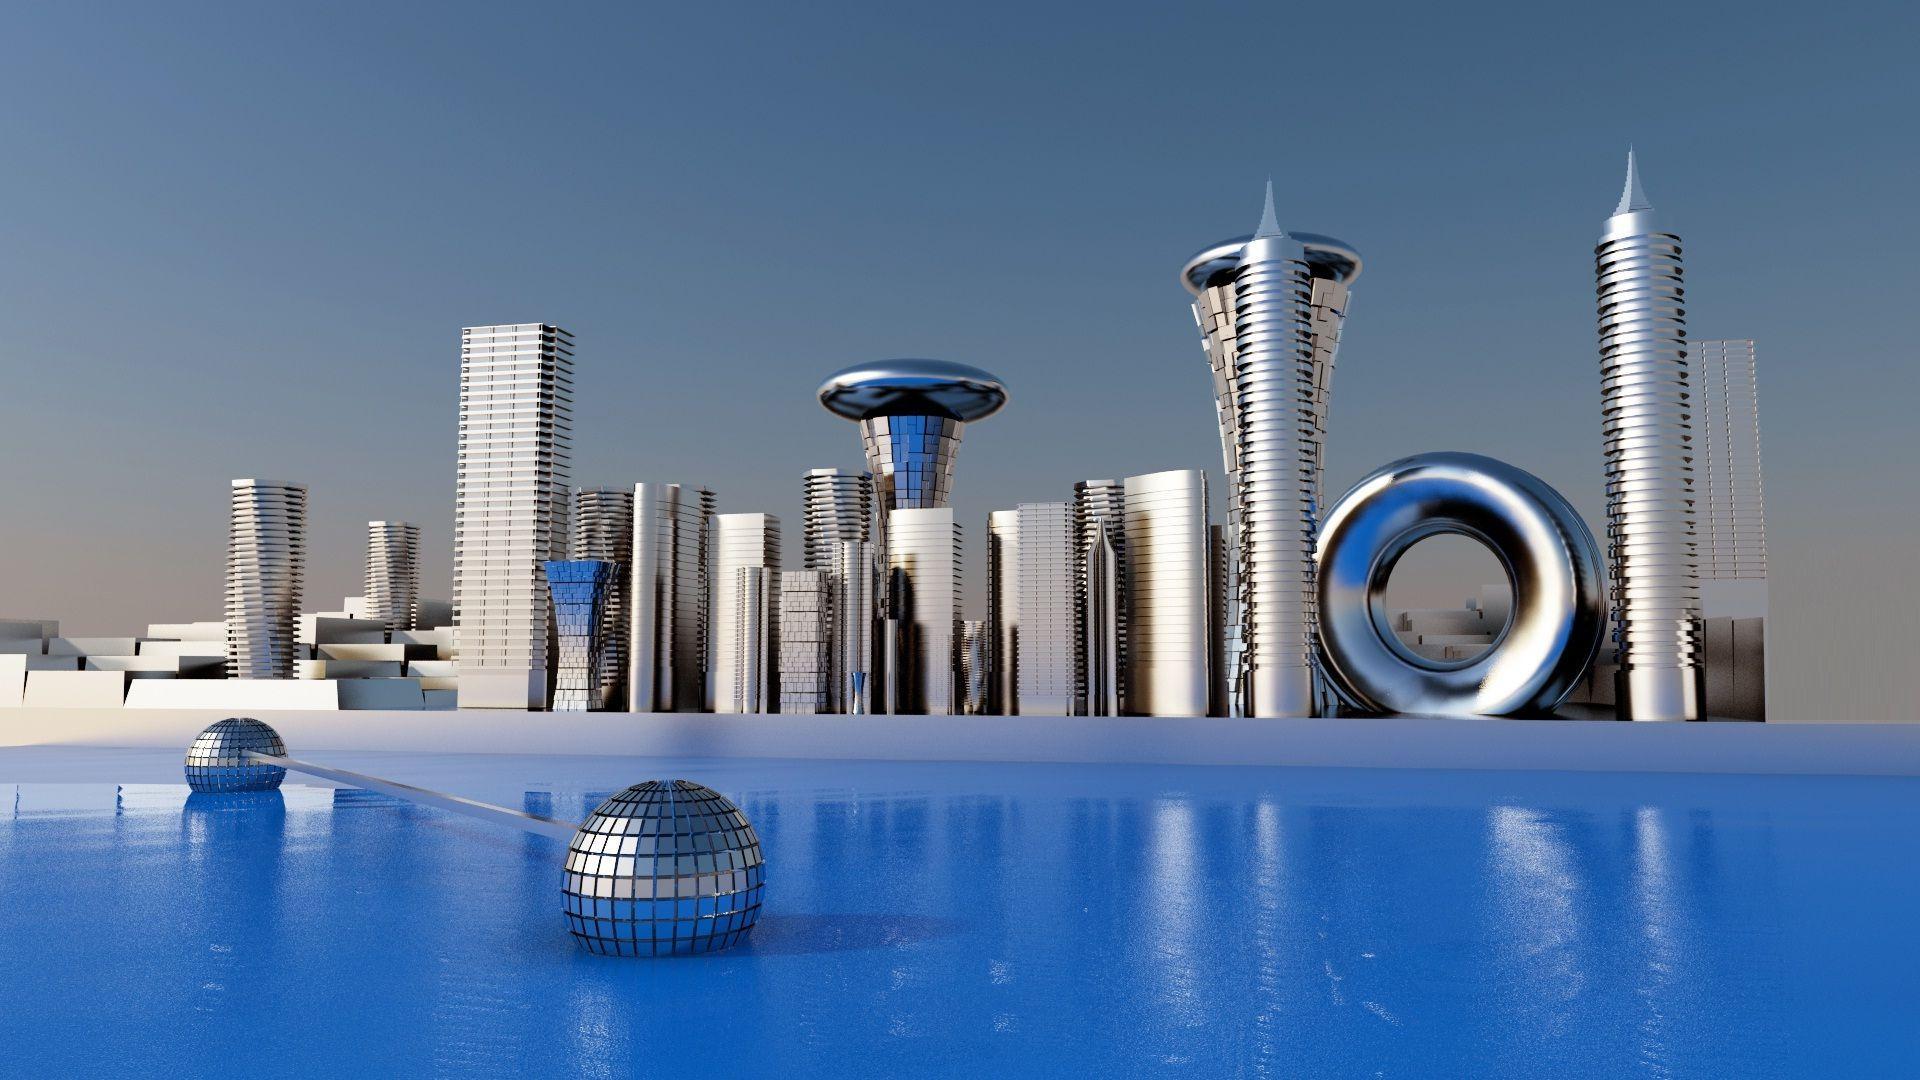 Future City 3D Art Wallpapers - Top Free Future City 3D Art